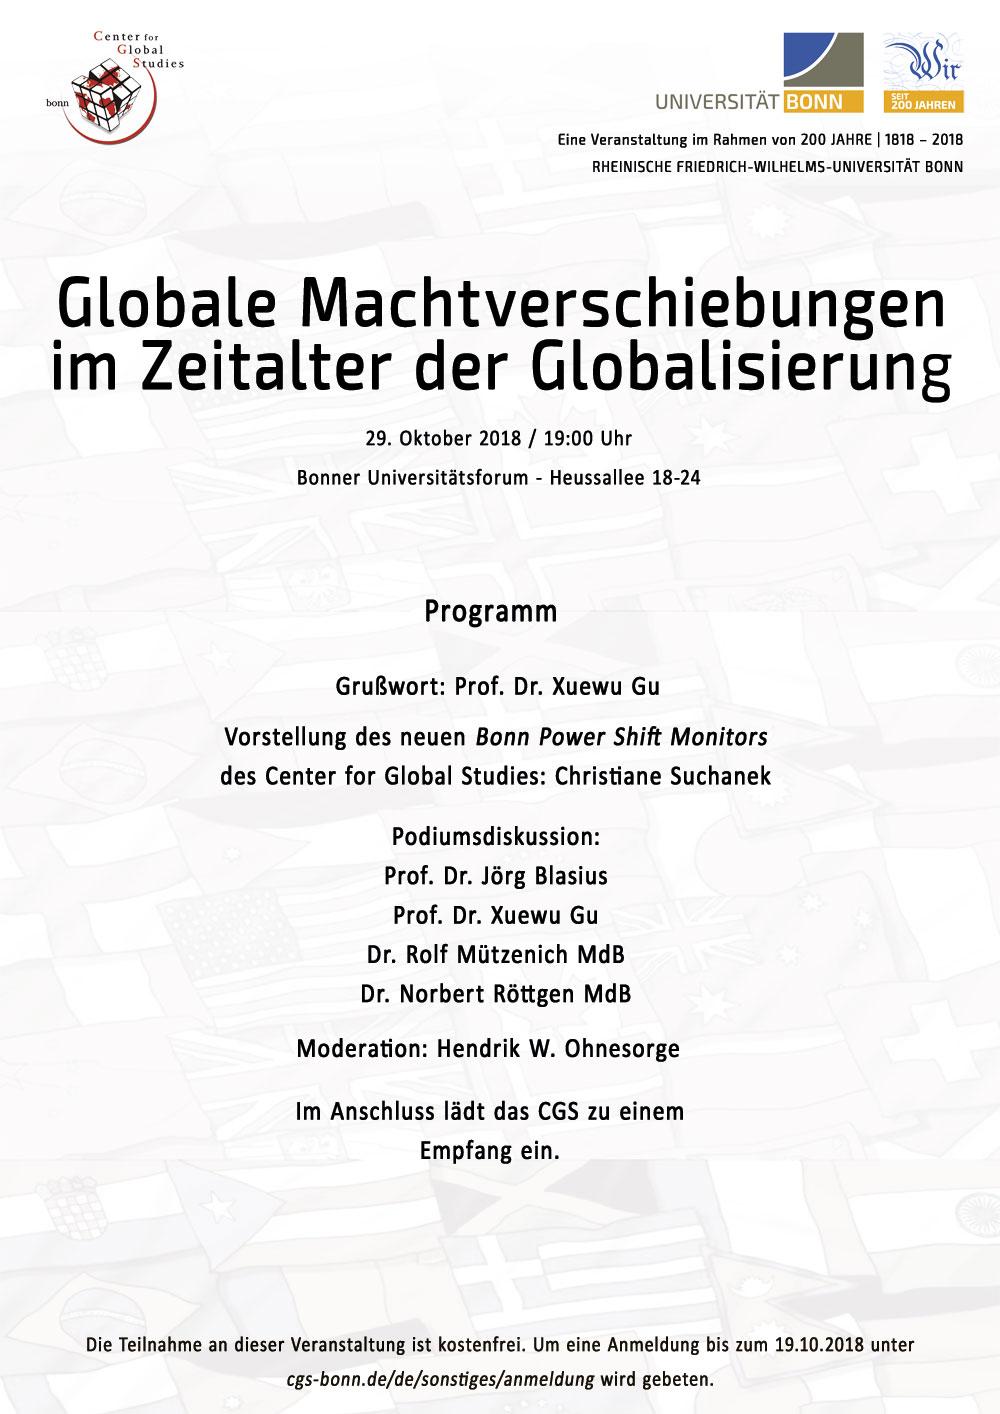 Globale Machtverschiebungen im Zeitalter der Globalisierung